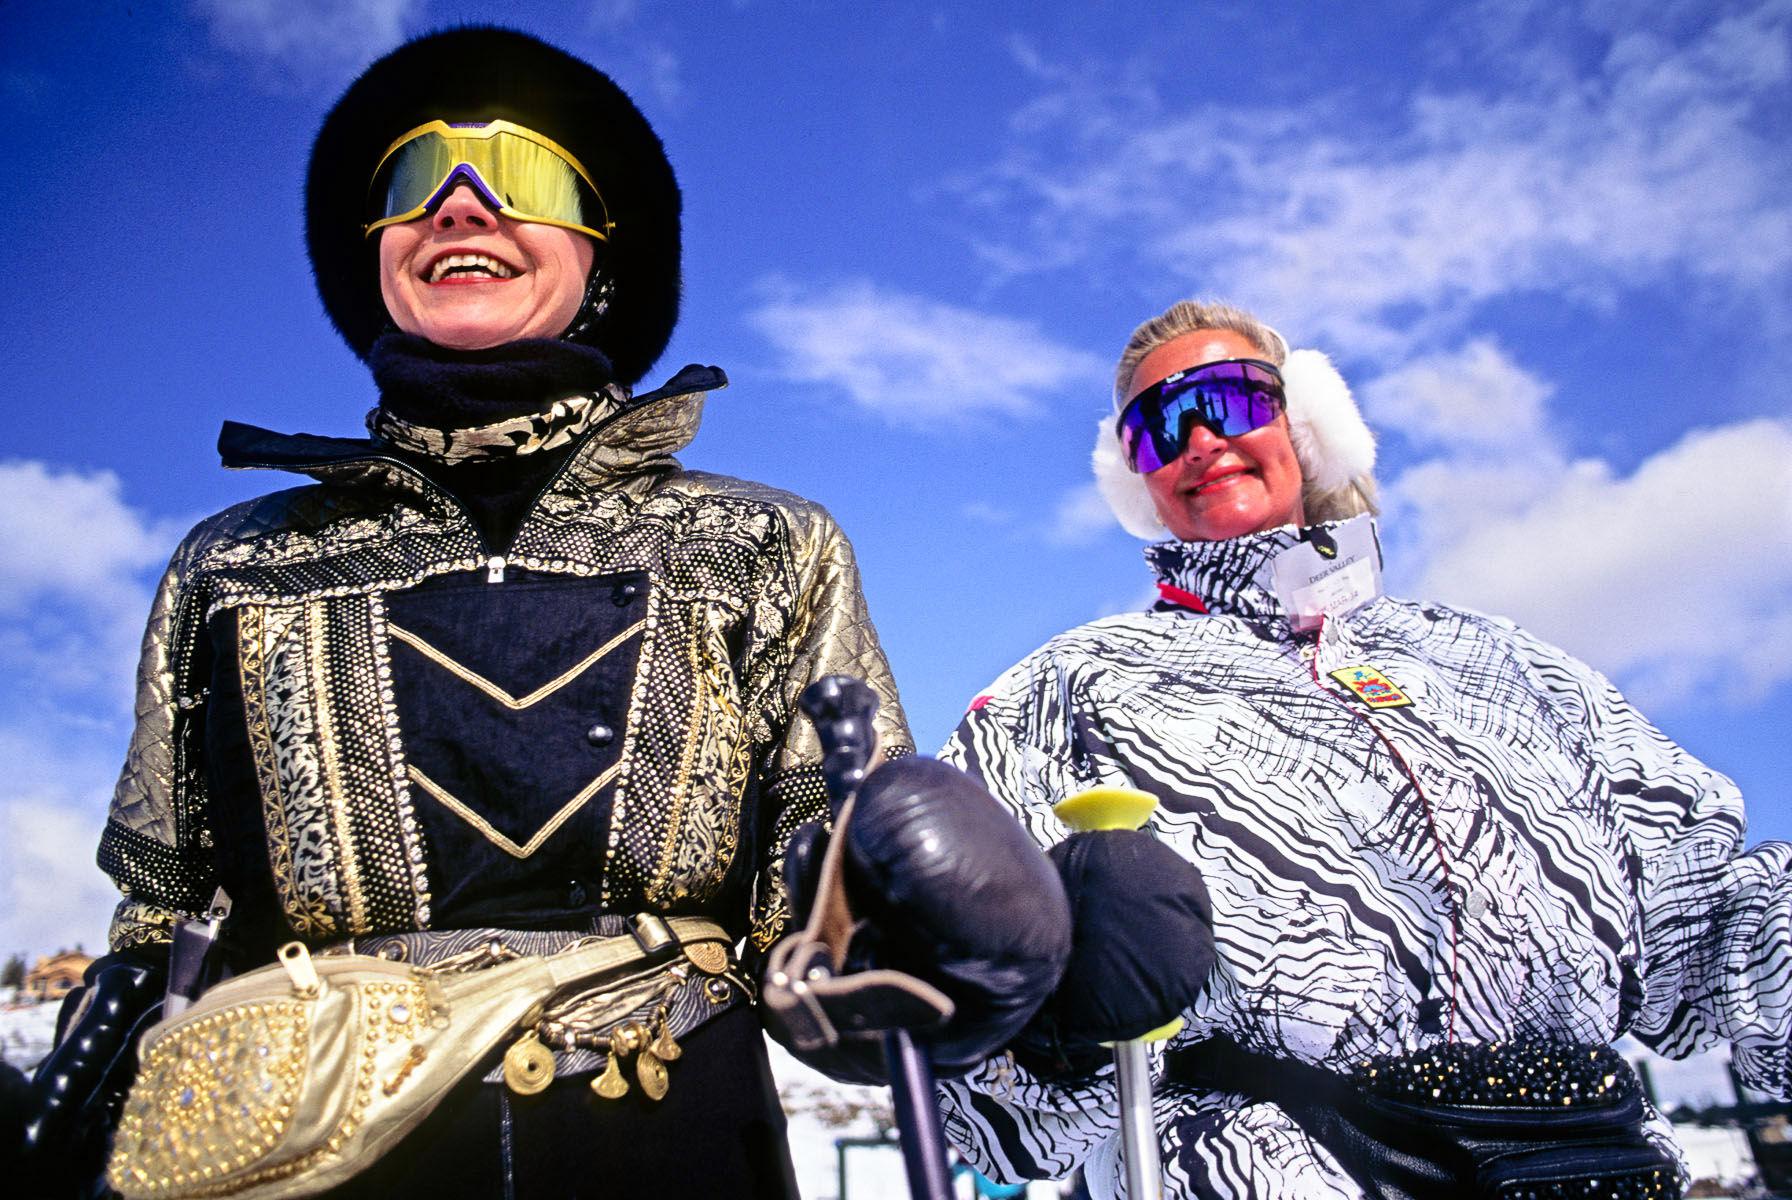 Golden Ladies, Deer Valley Utah